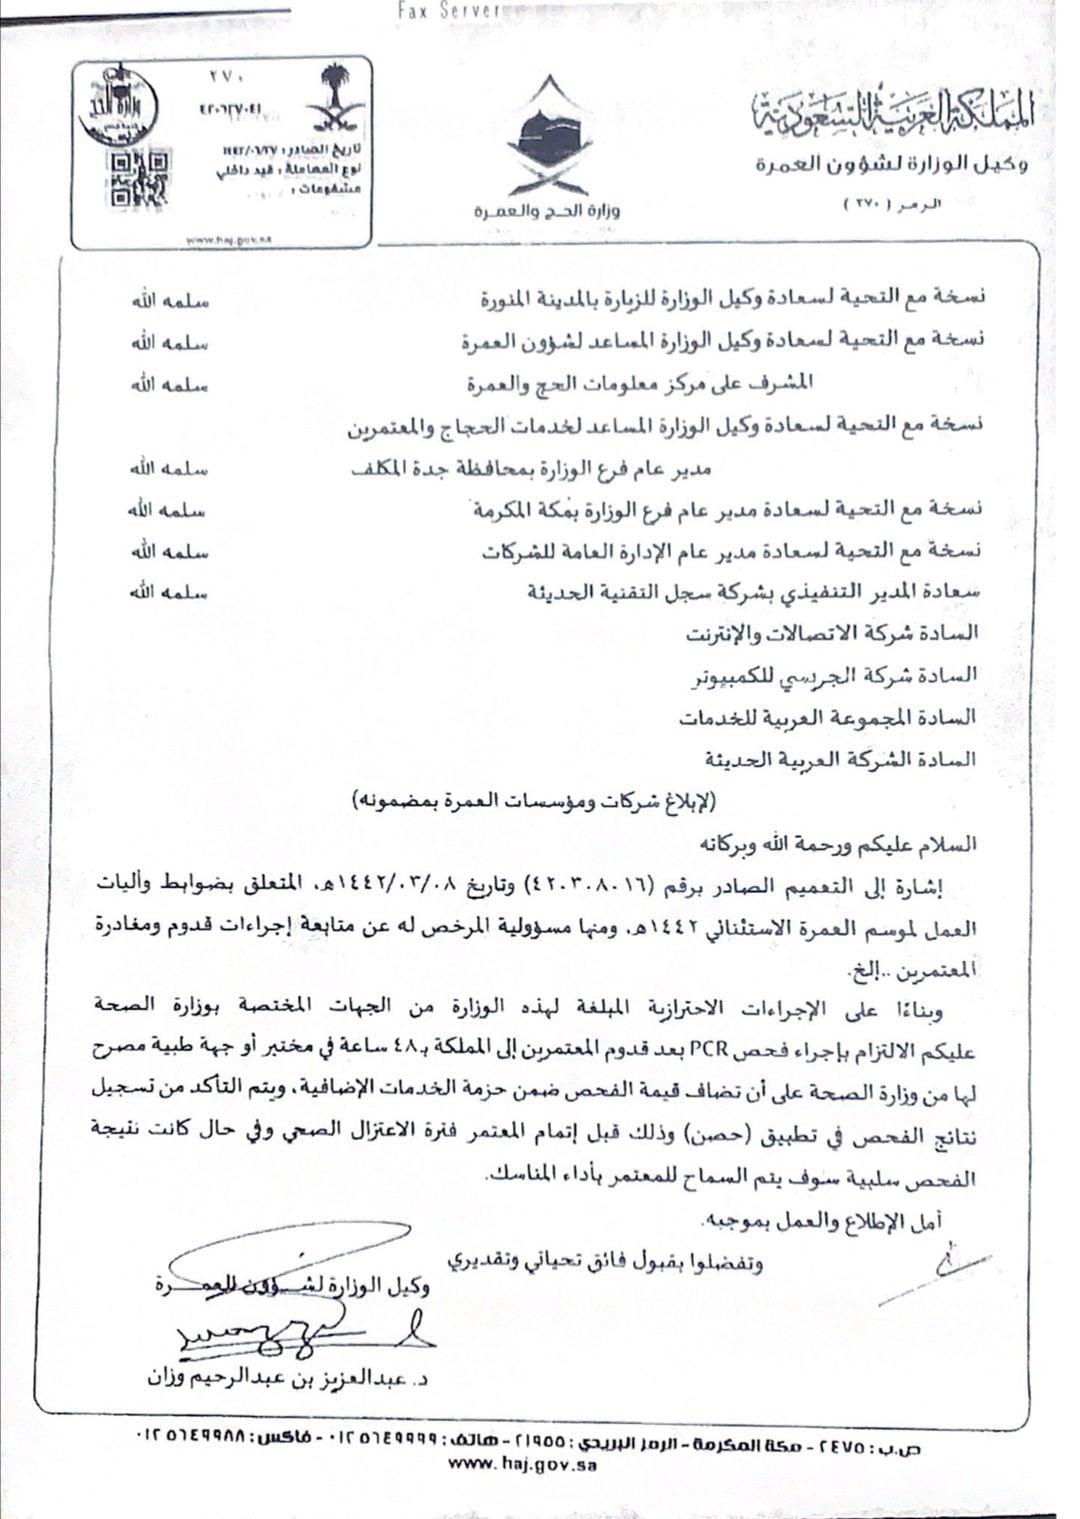 Omra : PCR 72h avant le départ et 48h après l'arrivée en Arabie Saoudite